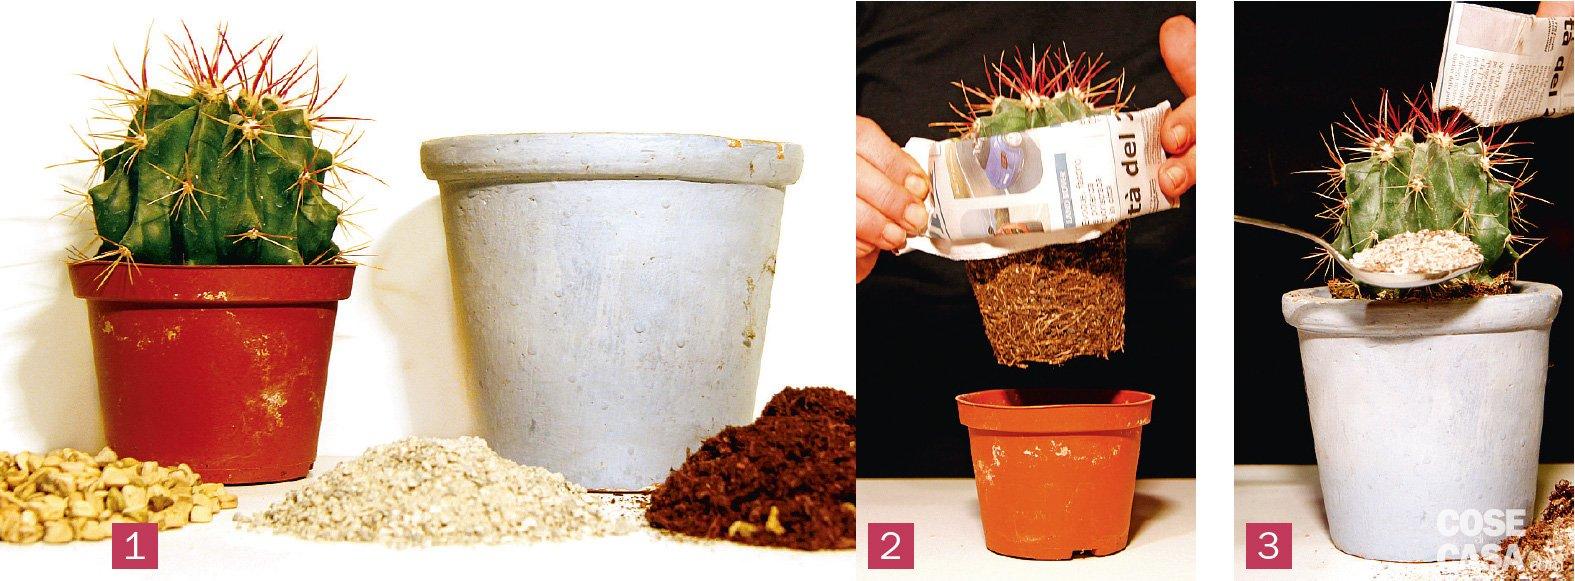 Rinvasare le piante grasse cose di casa - Piante grasse in casa ...